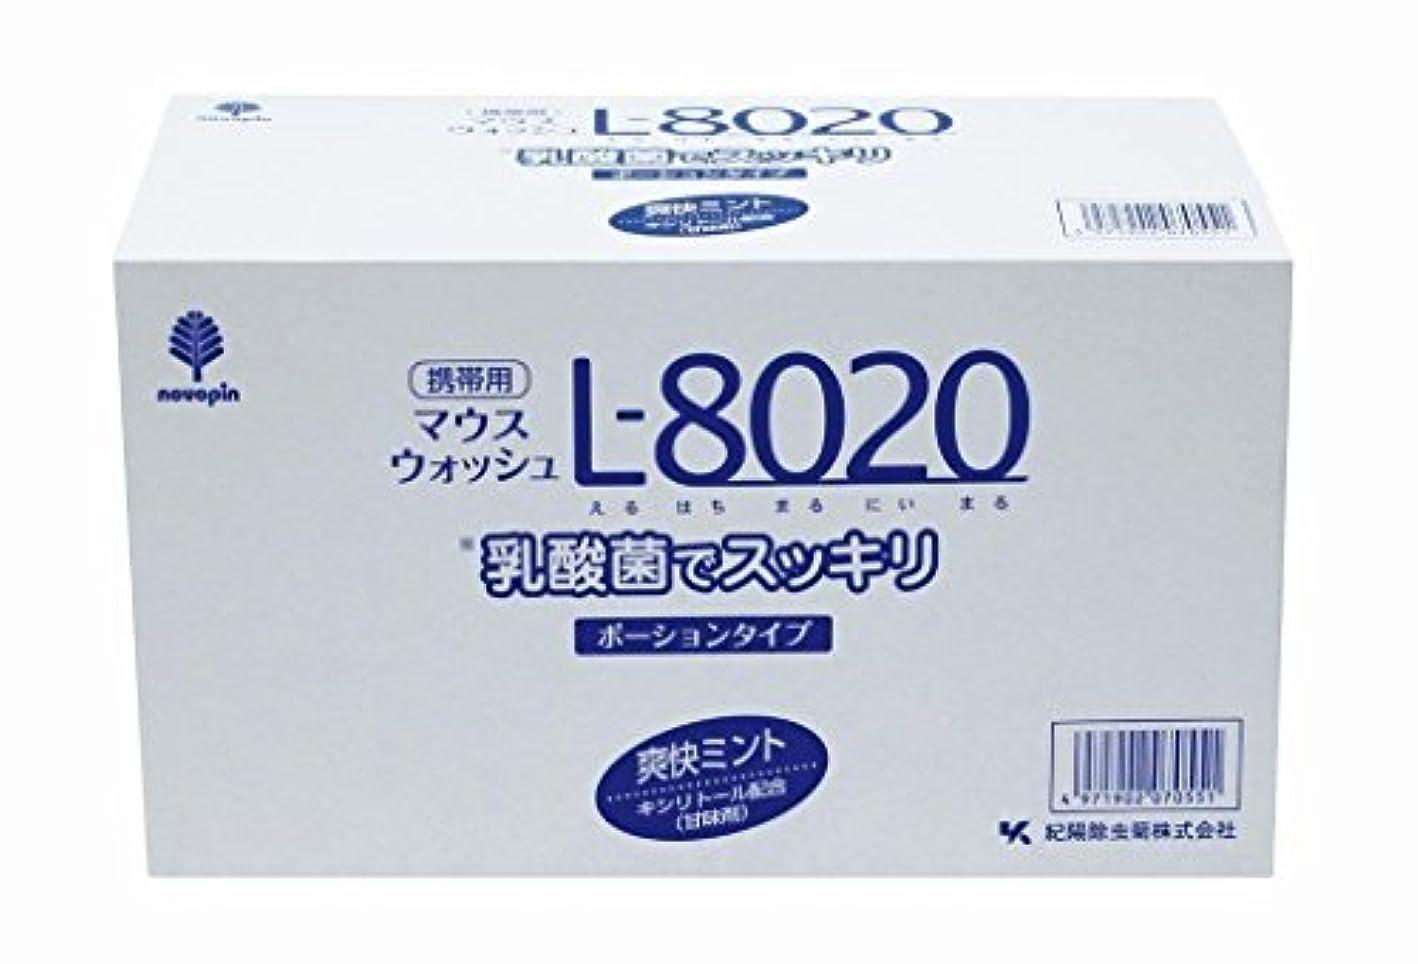 さわやか落ち着いて賞賛クチュッペL-8020爽快ミントポーションタイプ100個入(アルコール) 【まとめ買い10個セット】 K-7055 日本製 Japan